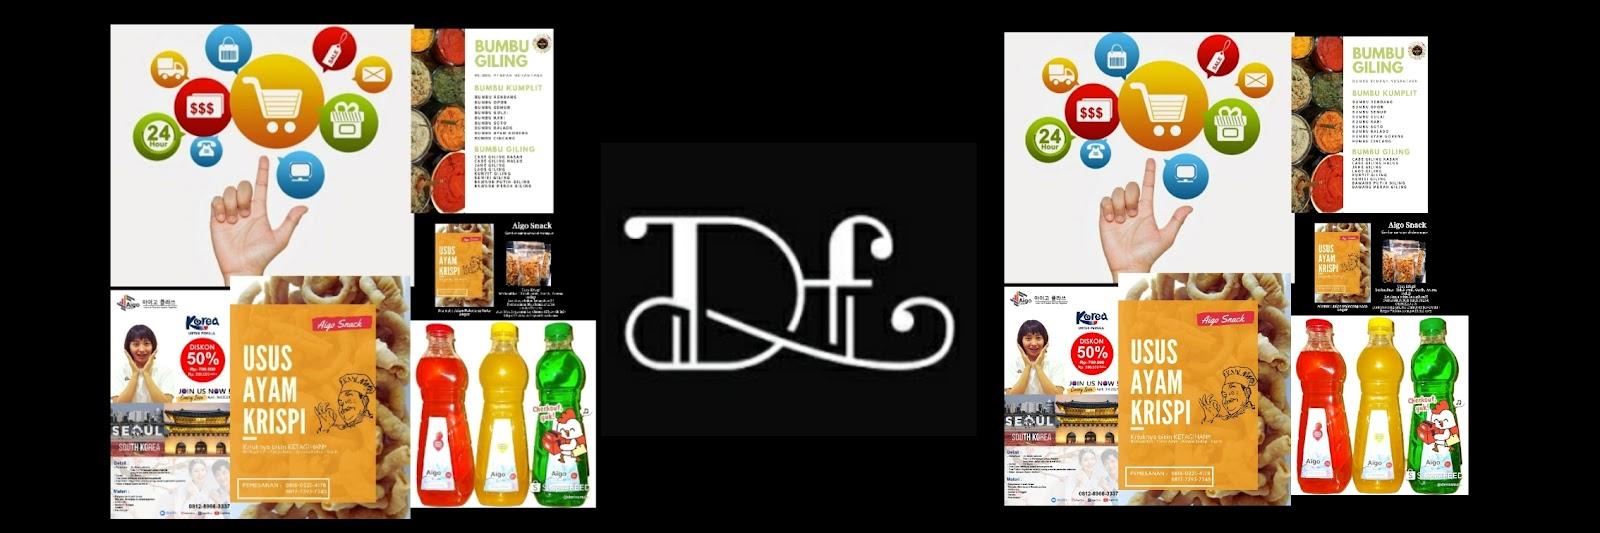 Media Sosial populer Manfaat Internet sebagai Aplikasi Pemasaran Online dan Kursus Online